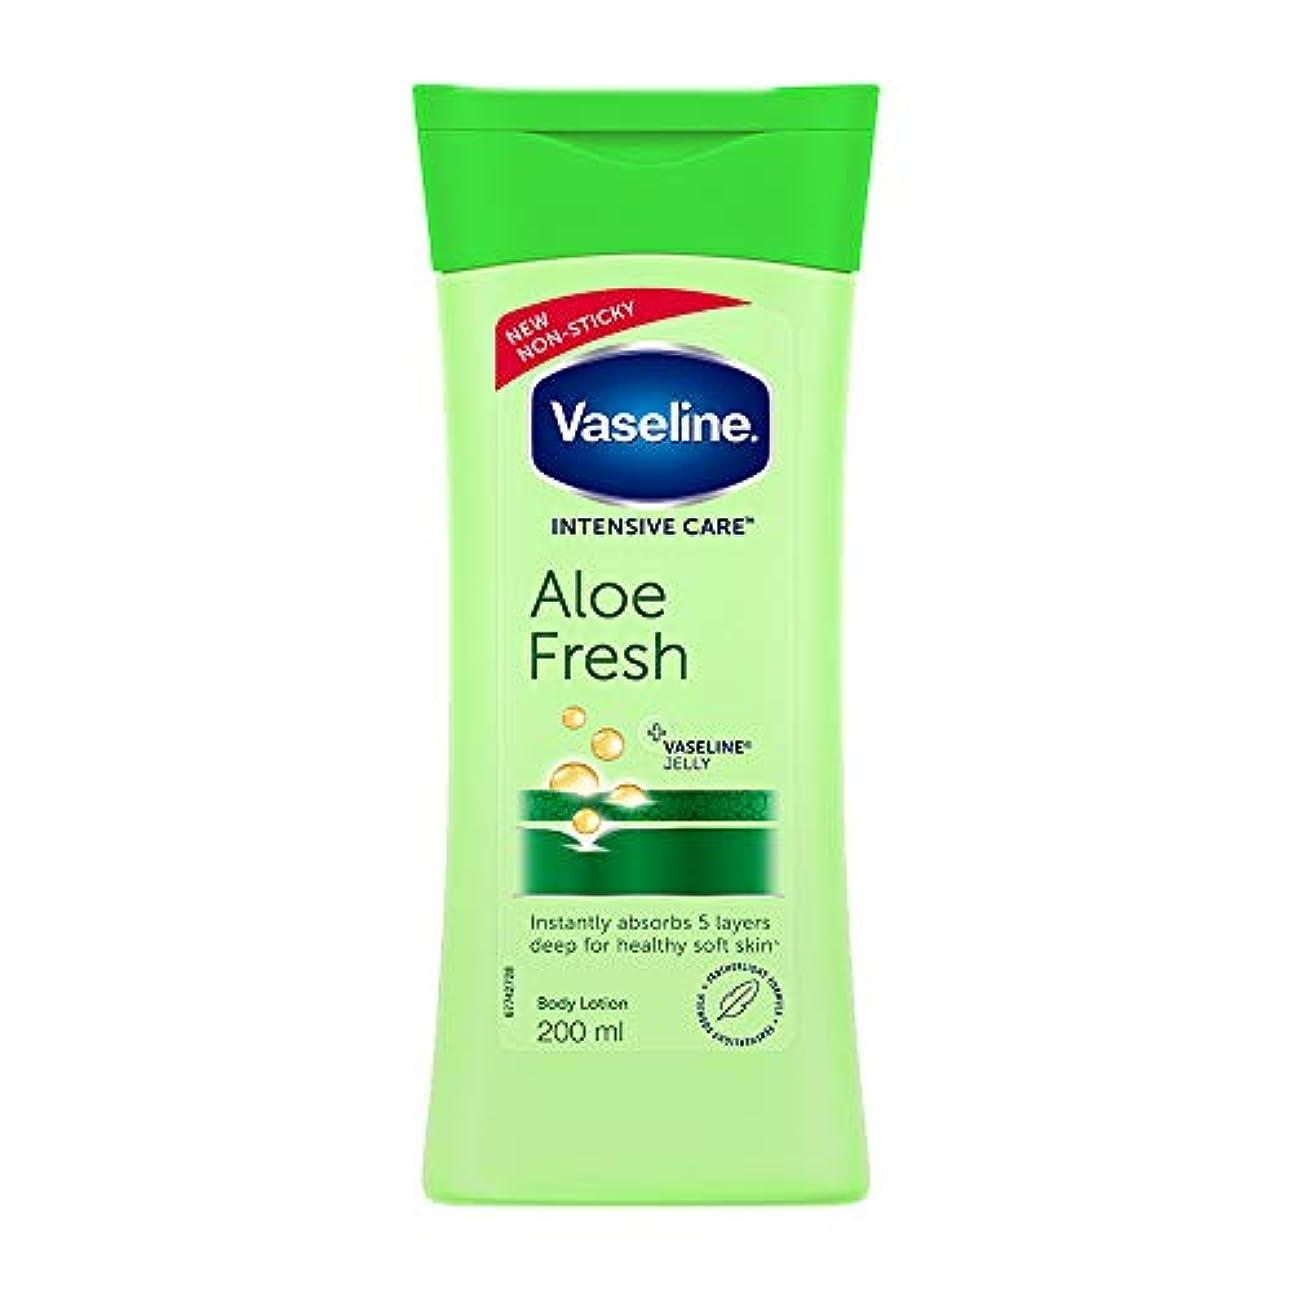 思慮深いできれば子供時代Vaseline Intensive Care Aloe Fresh Body Lotion, 200 ml